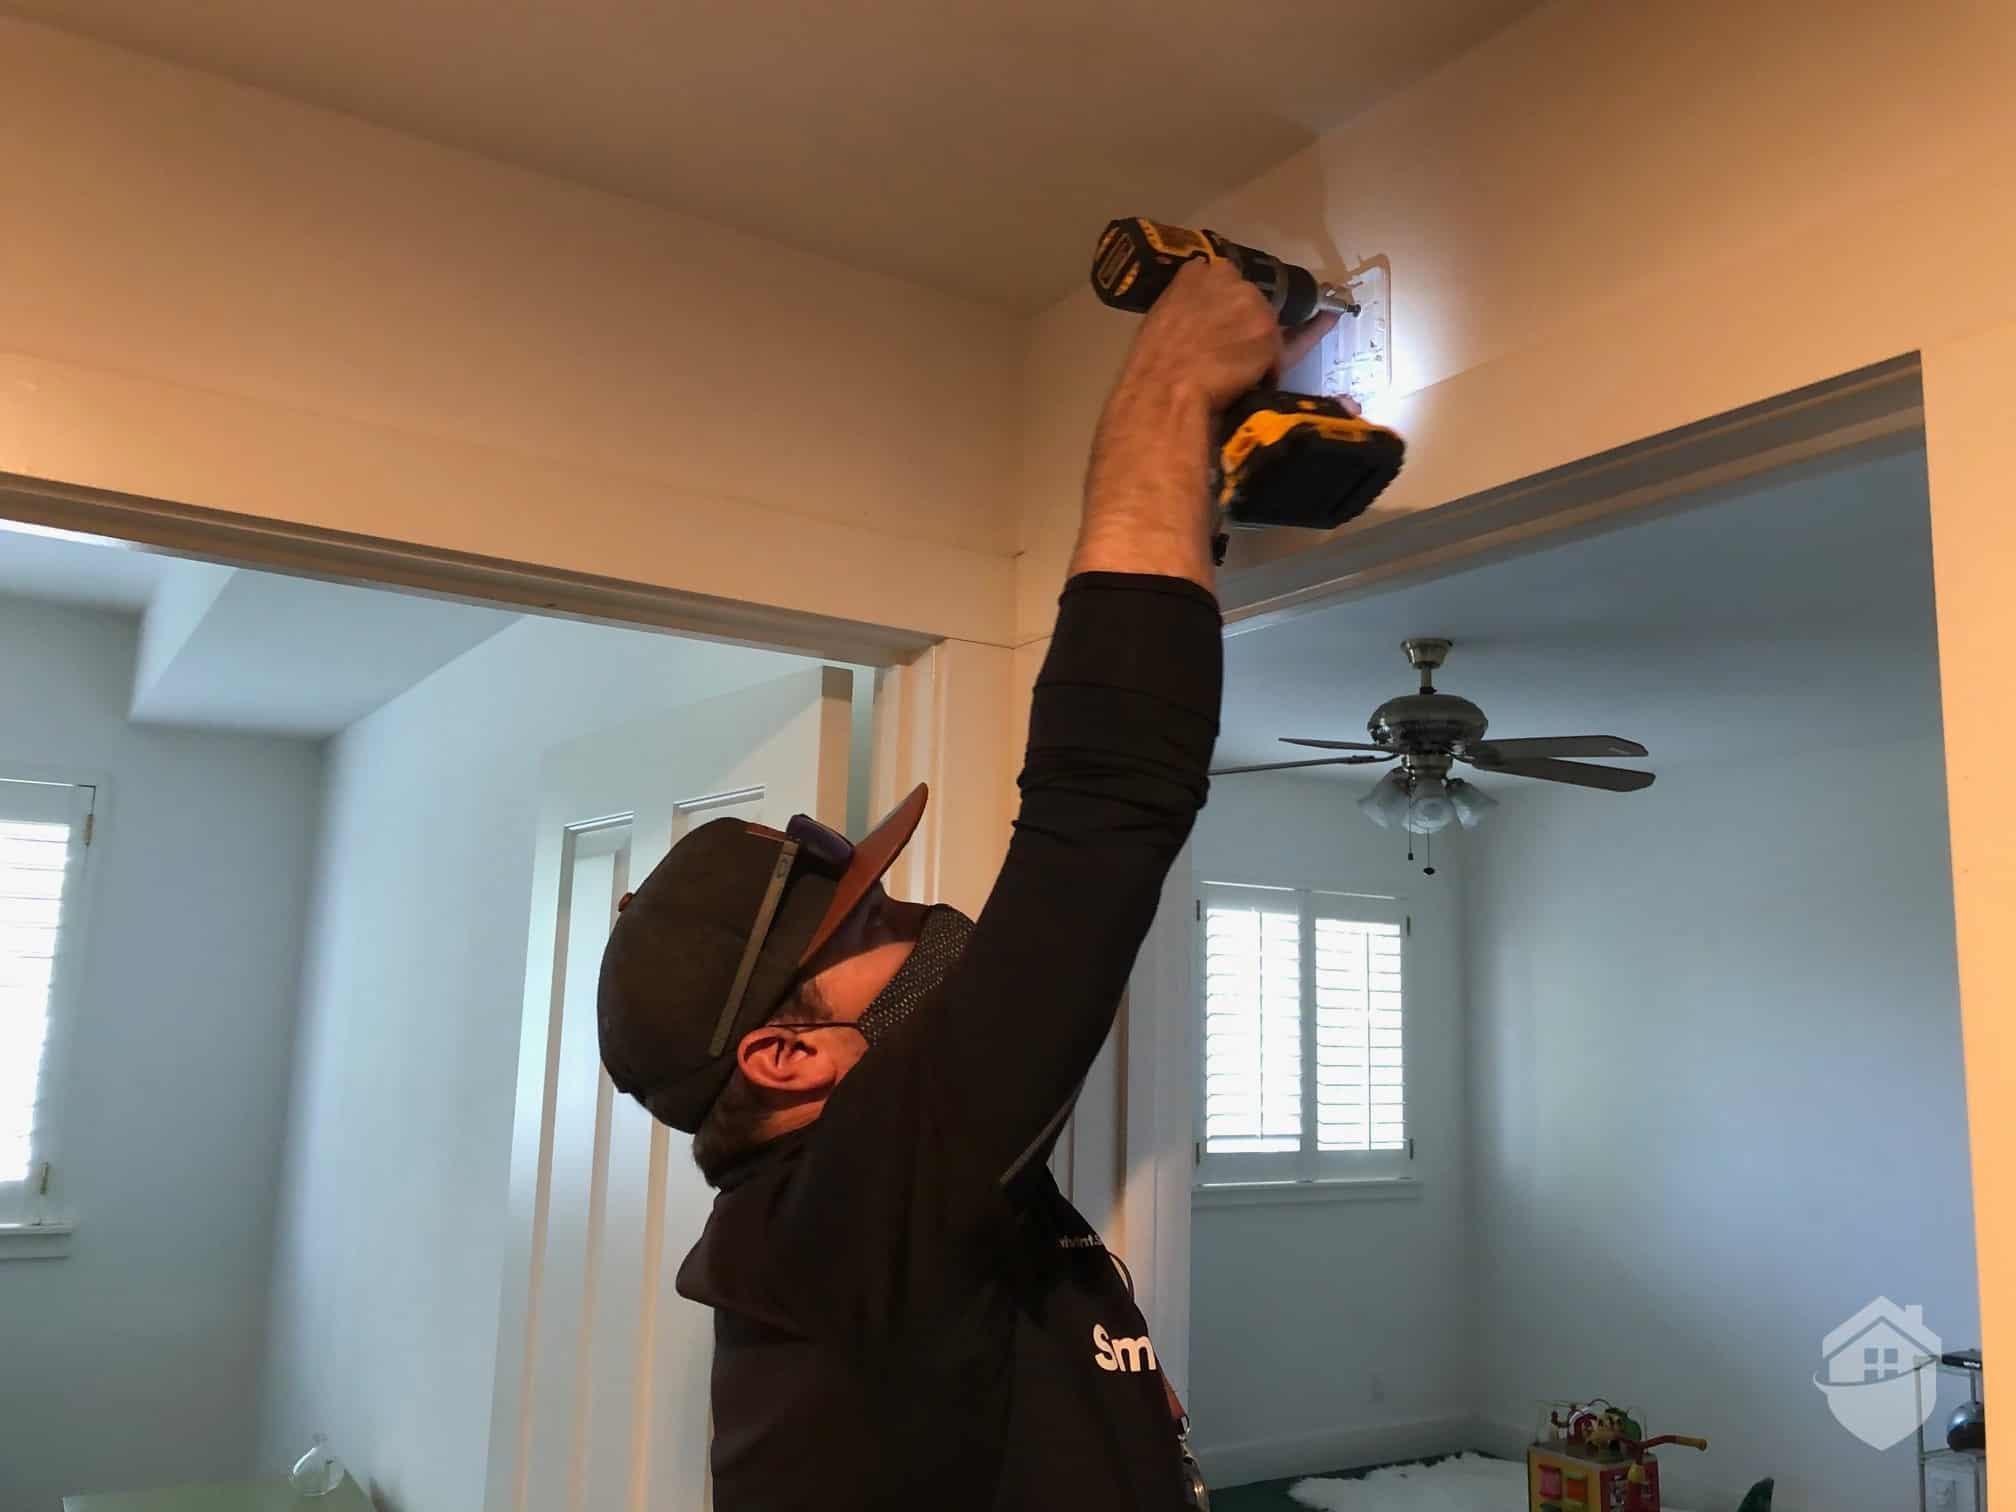 Don Installing the Vivint Glass Break Sensor